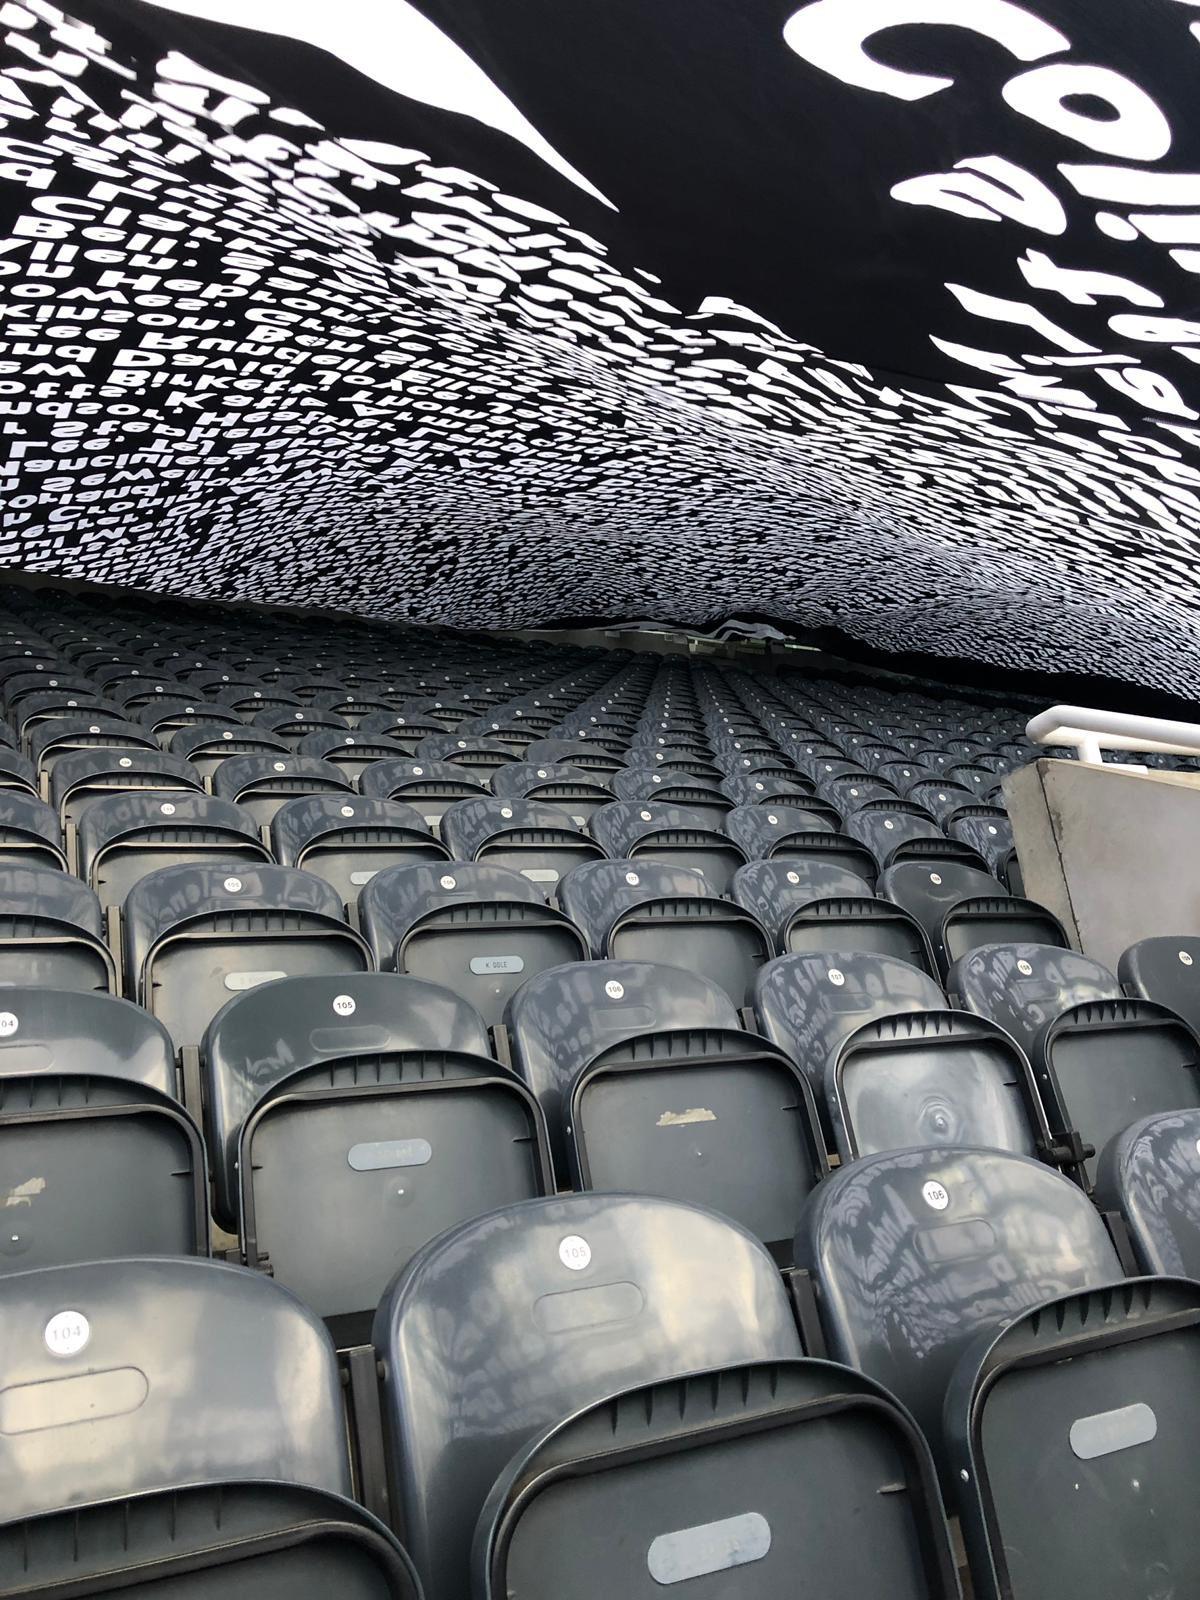 Slike - FC Newcastle - Page 14 D5qcG96W0AADYe9